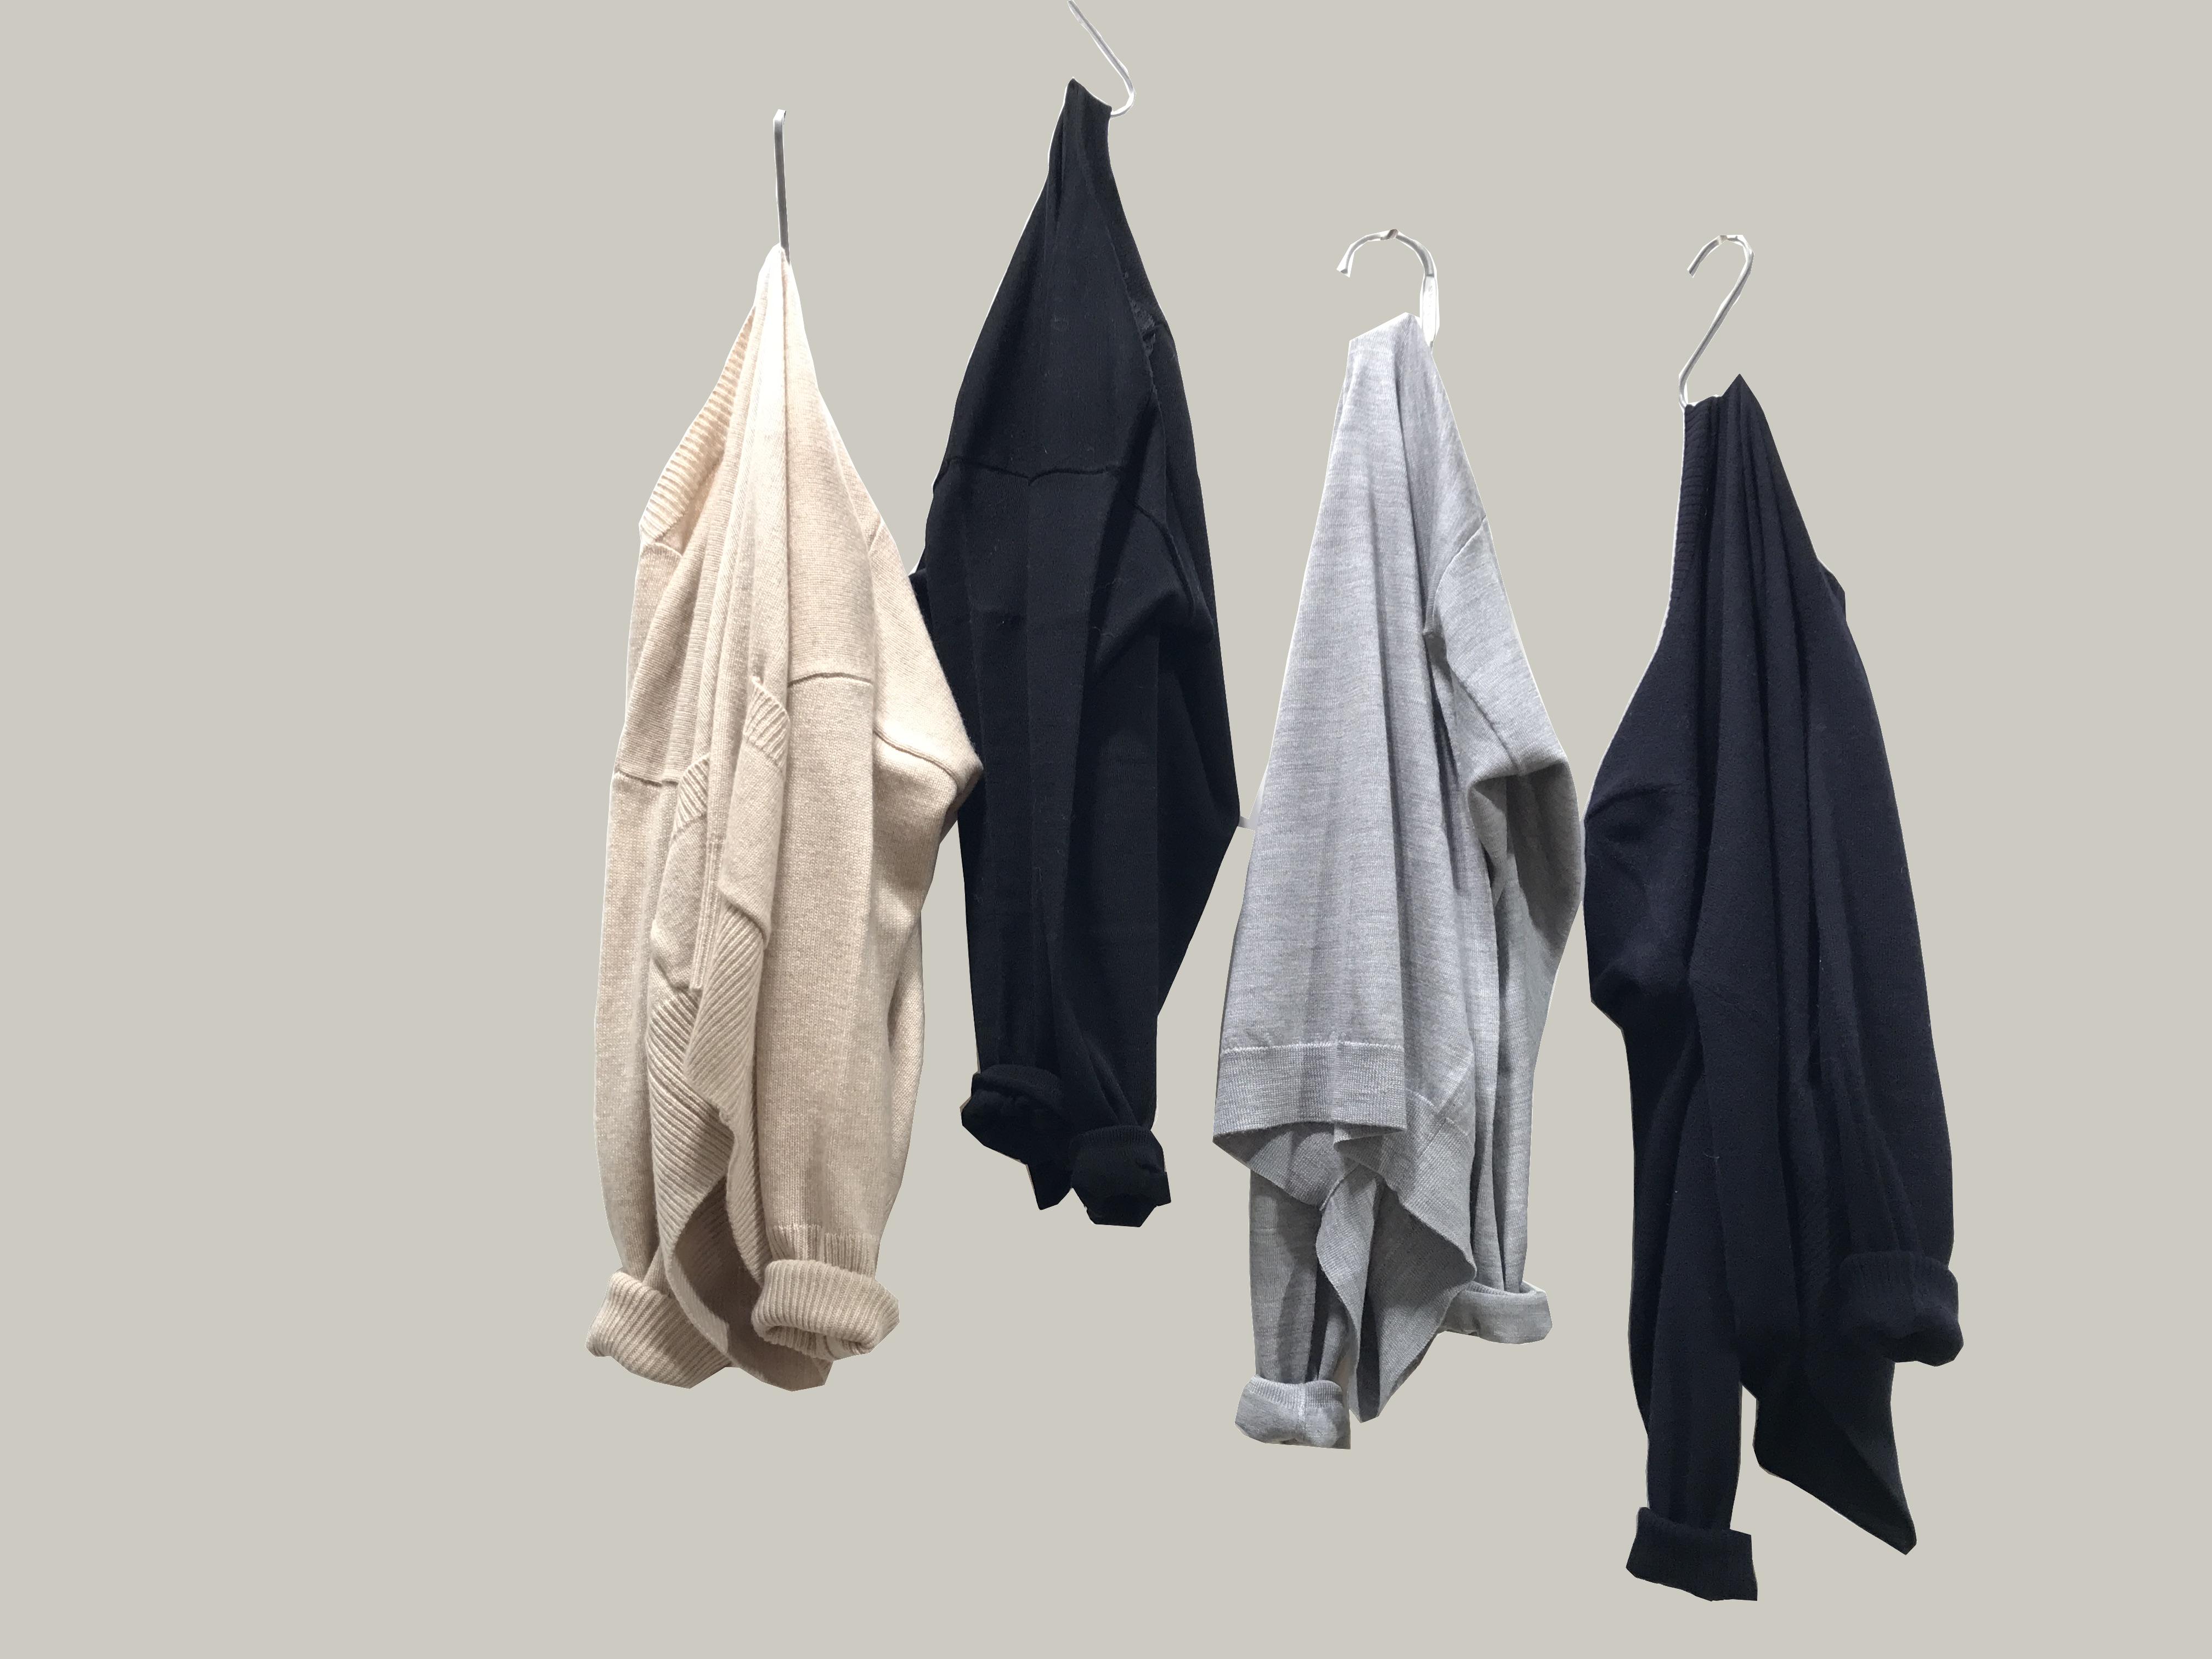 c106201afabd1 El jersey es una prenda clásica en tu fondo de armario de ropa urbana de  mujer